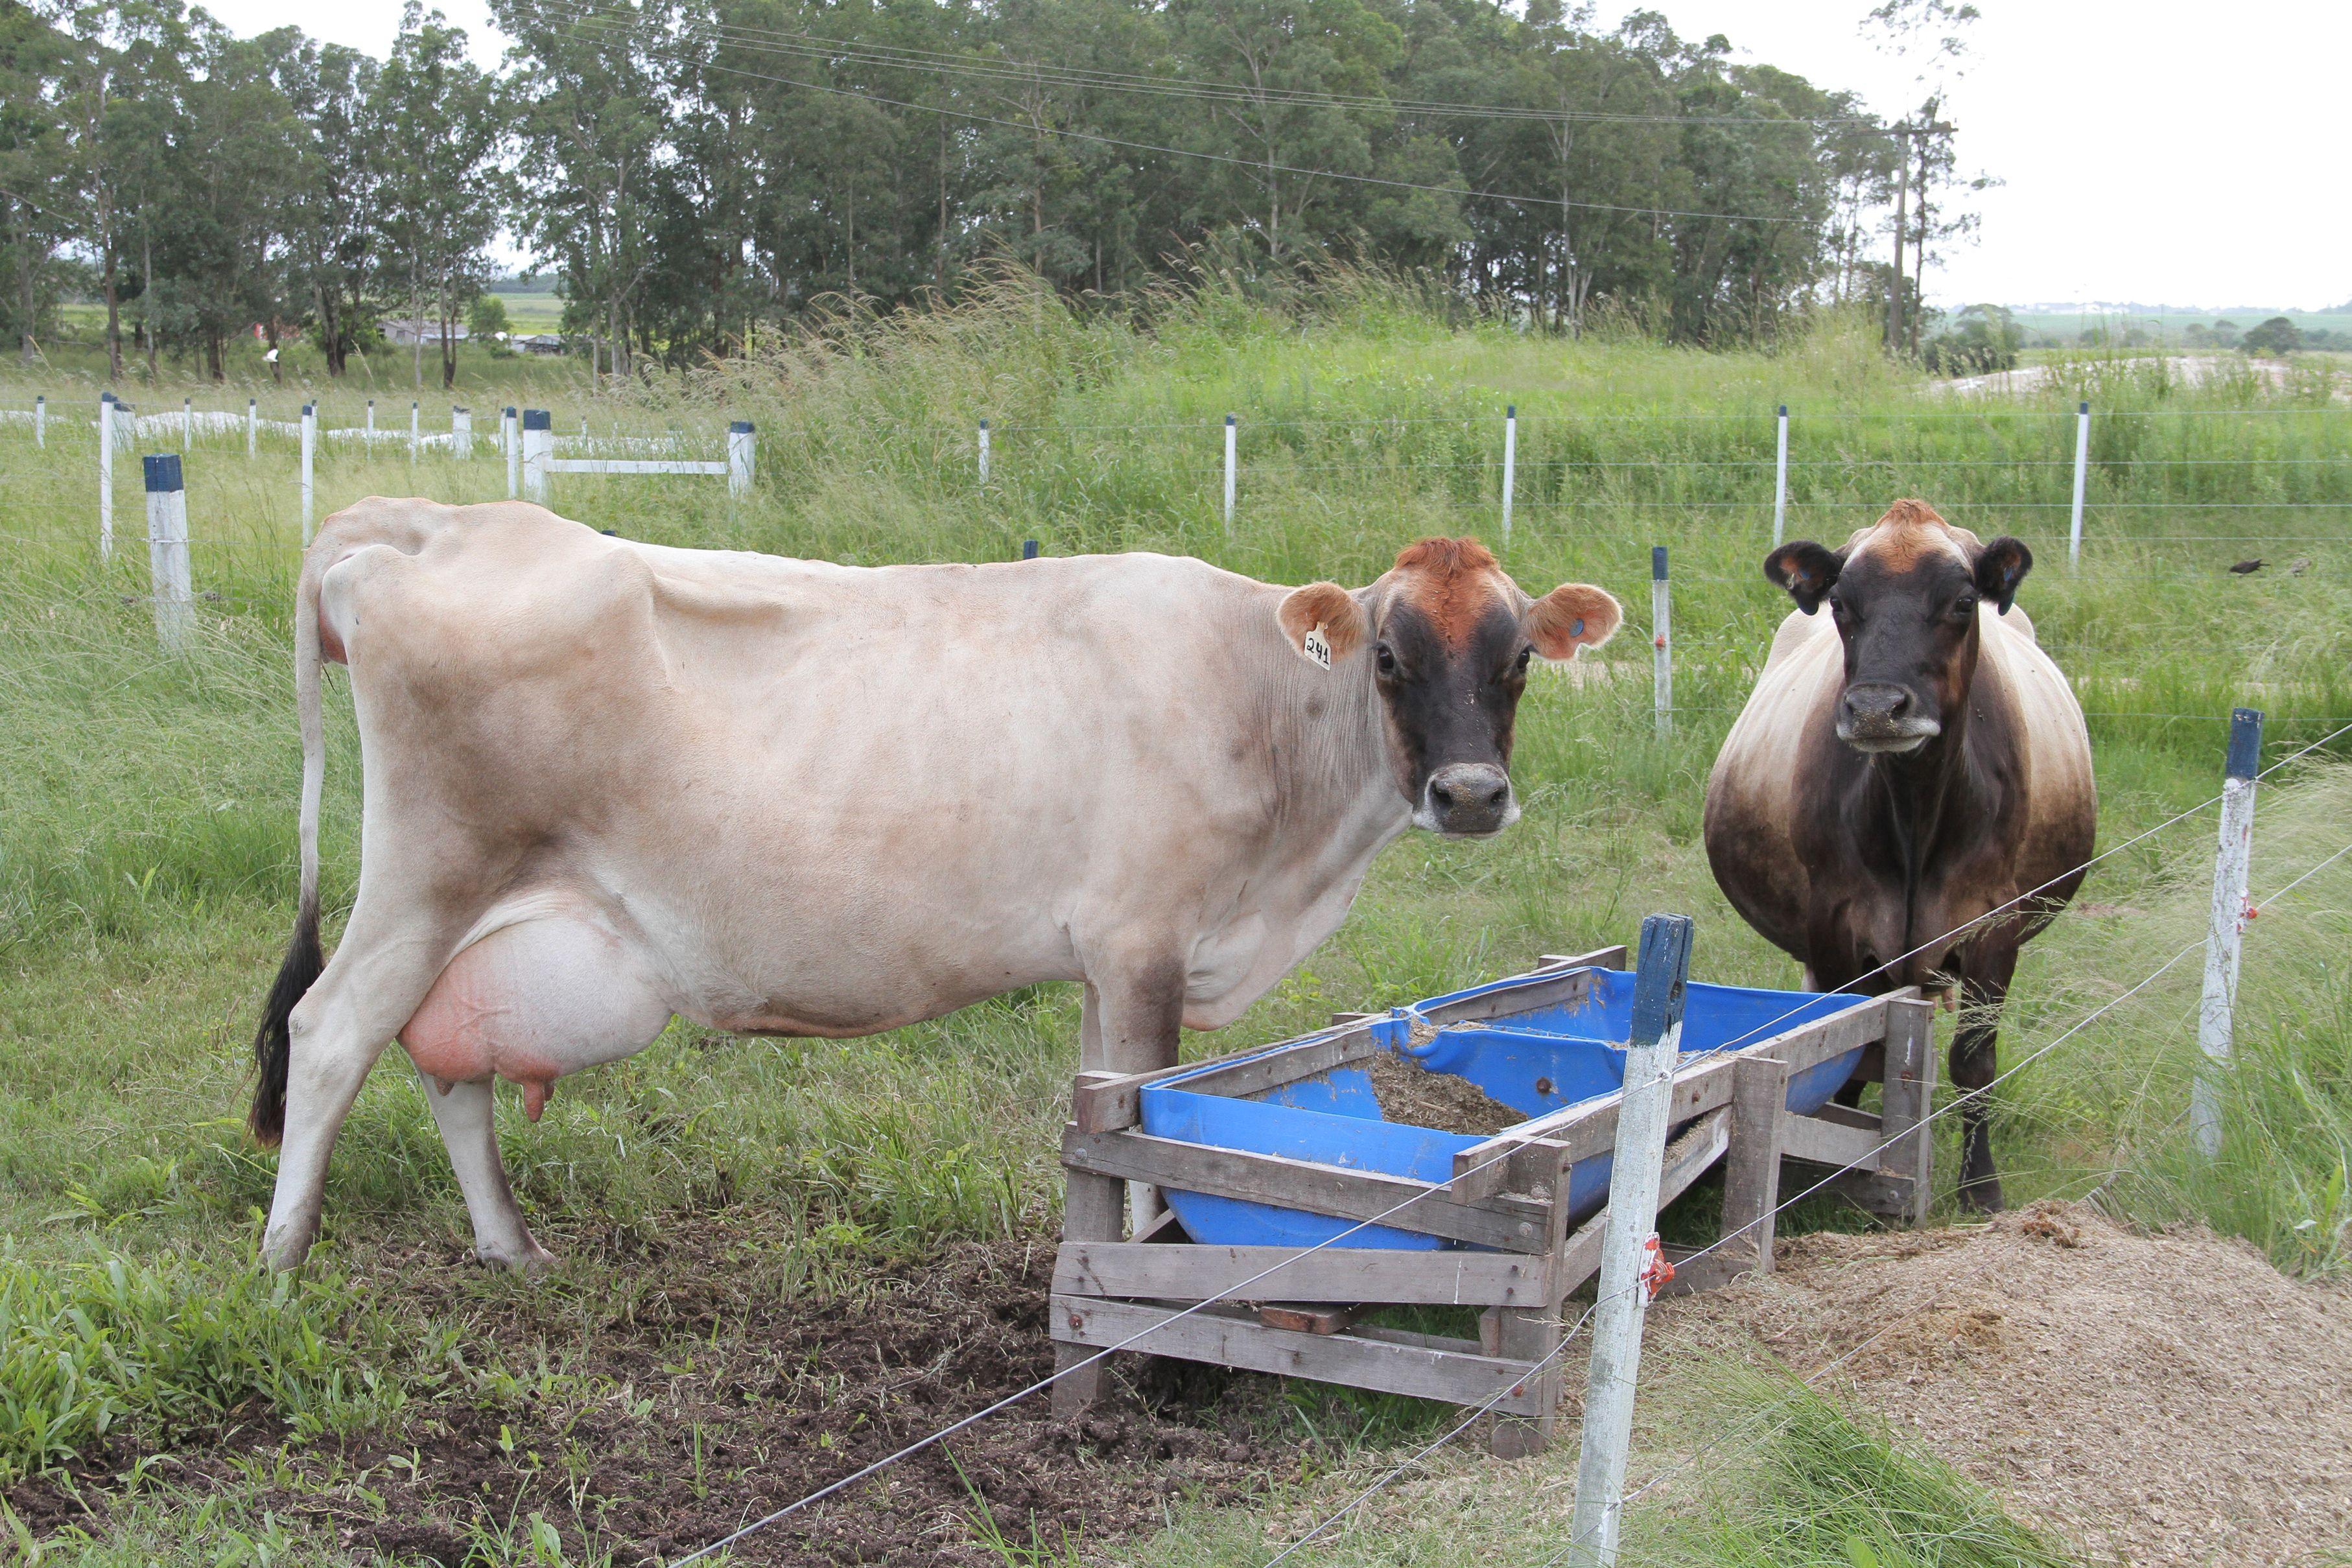 Produtores de leite conhecem o potencial da silagem de Capim-Elefante para enfrentar escassez de pastagens